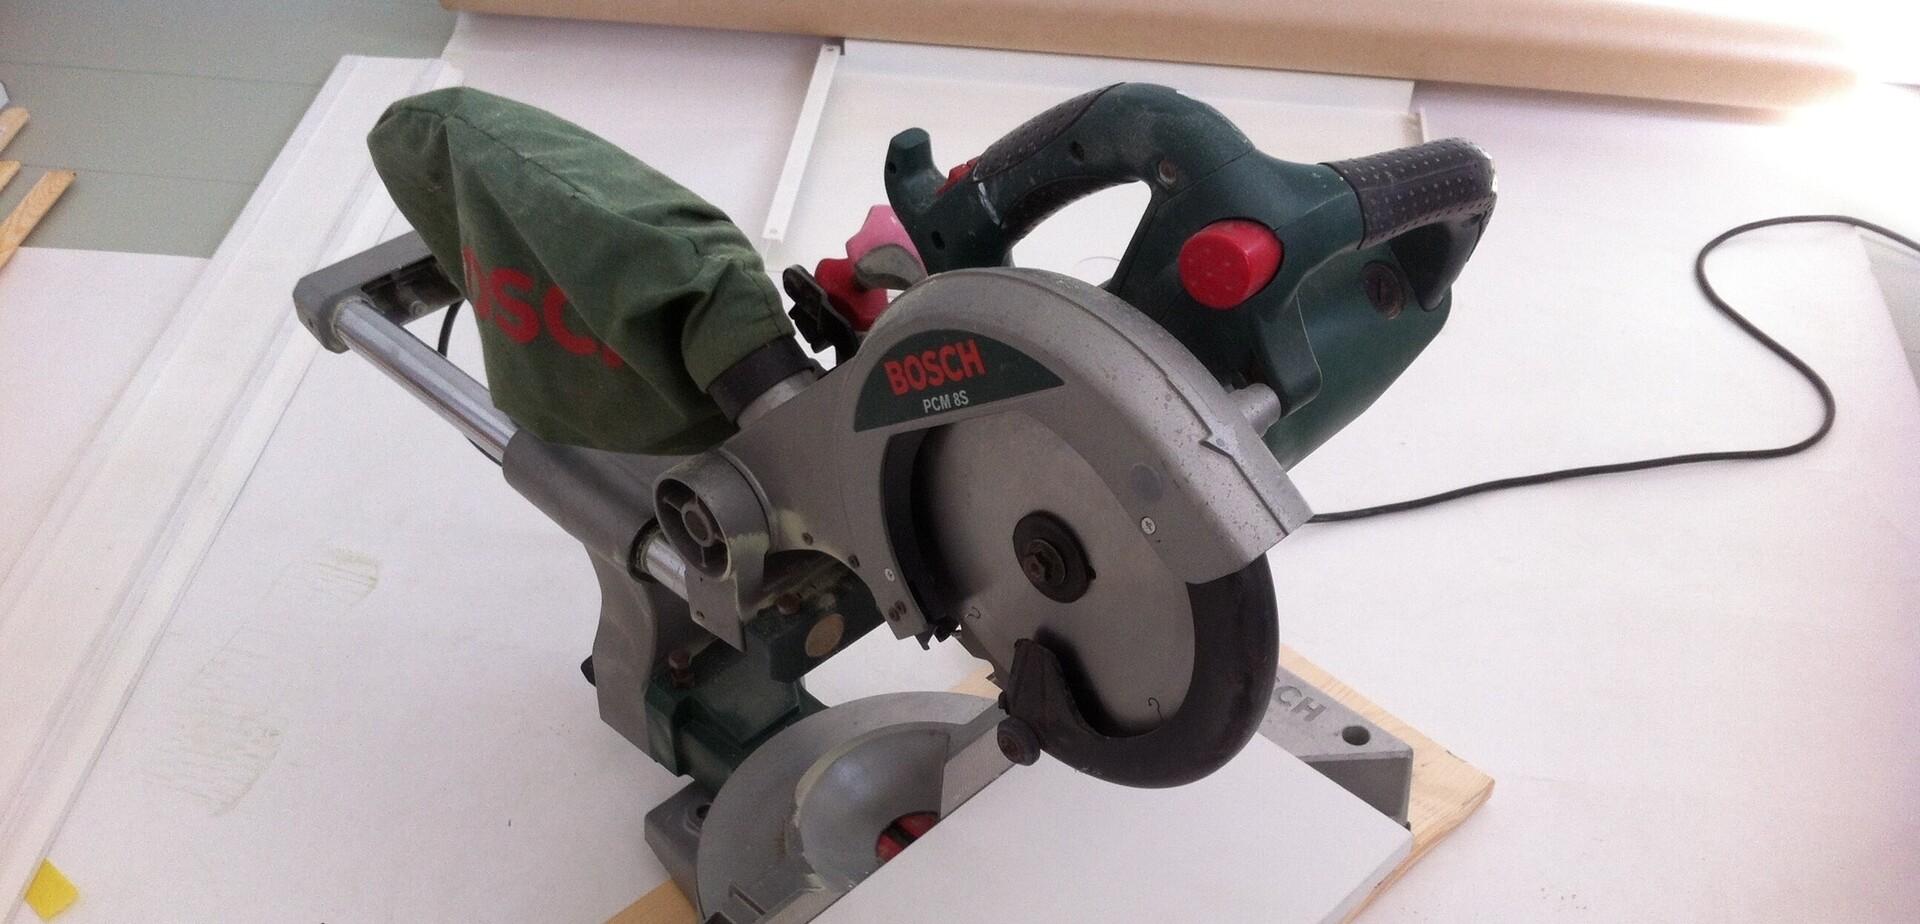 Comment Fabriquer Des Plinthes En Bois faire des plinthes hautes | Étape par étape | brico.be